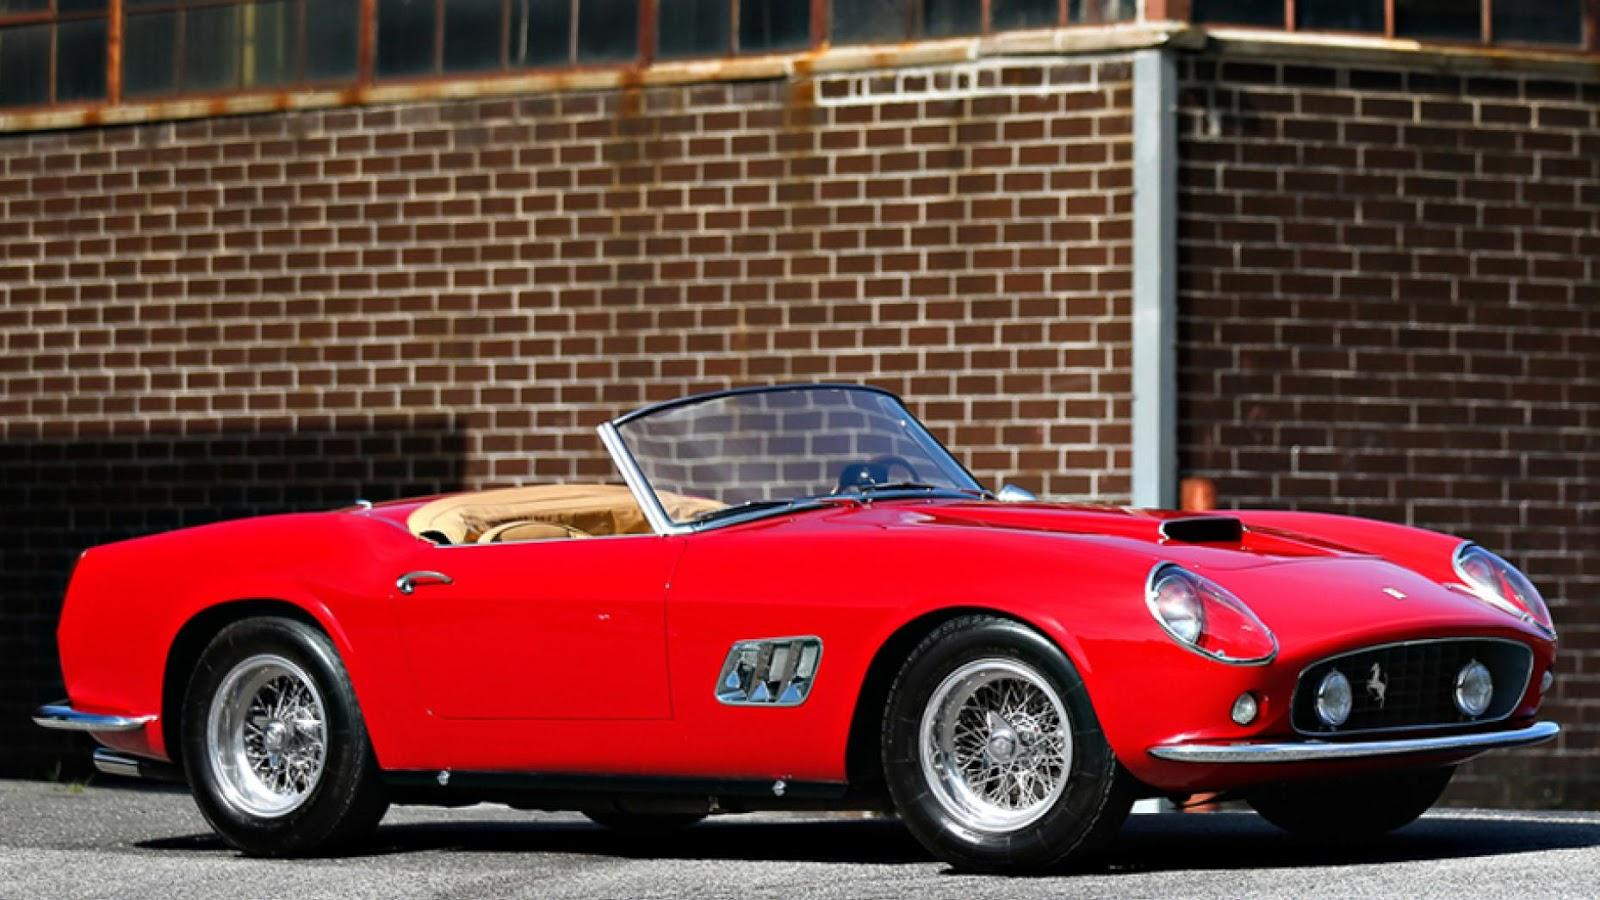 $15,180,000 – 1961 Ferrari 250 GT SWB California Spider